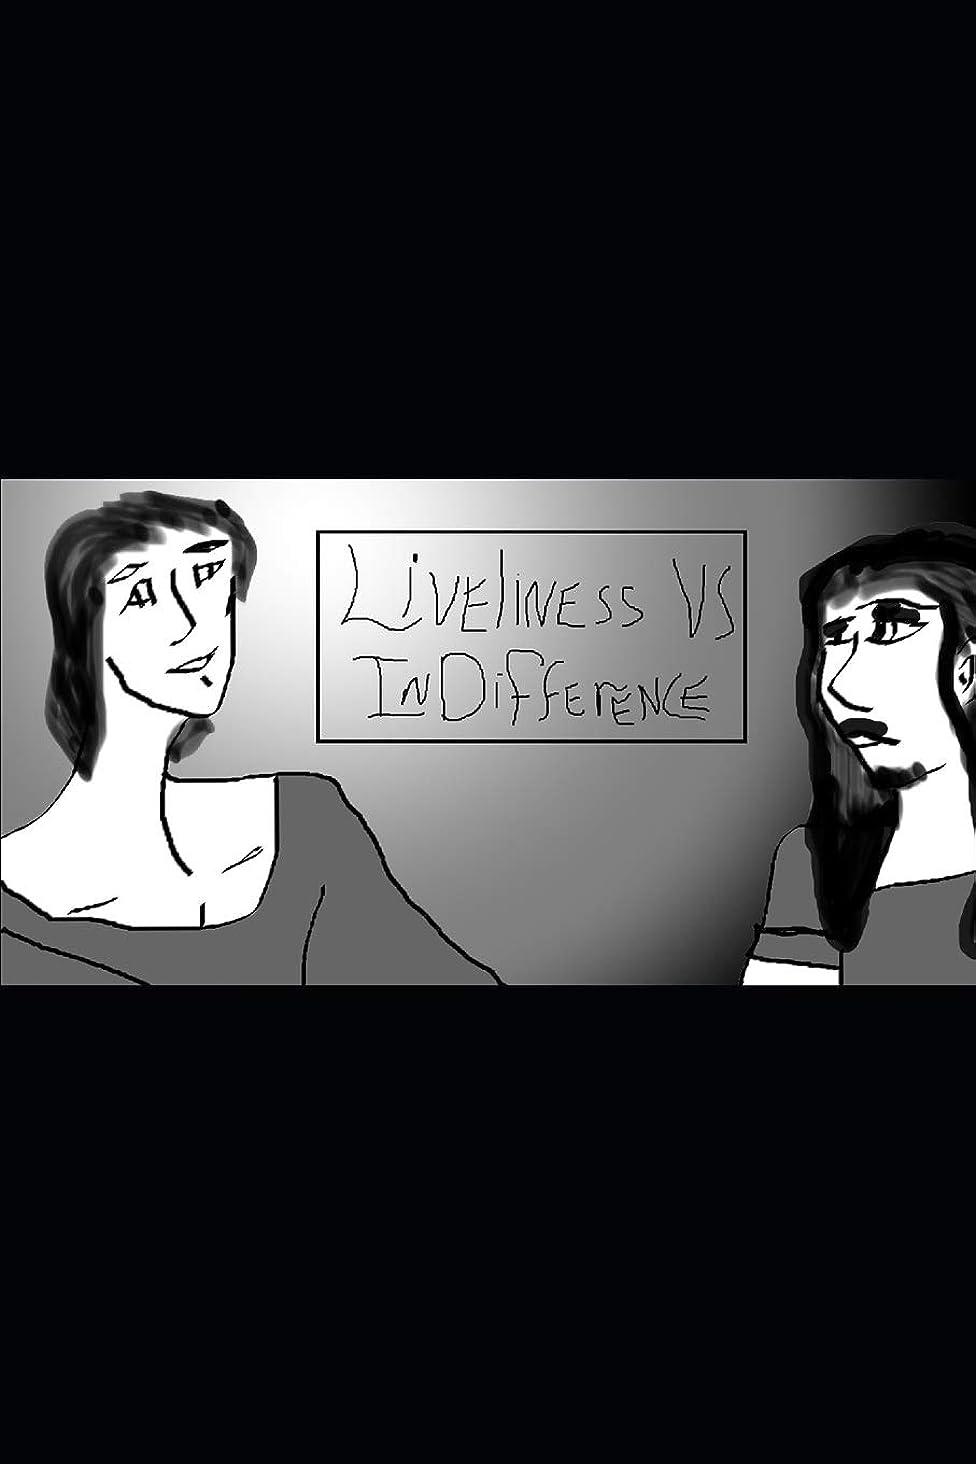 あいまいさお父さん払い戻しLiveliness vs Indifference